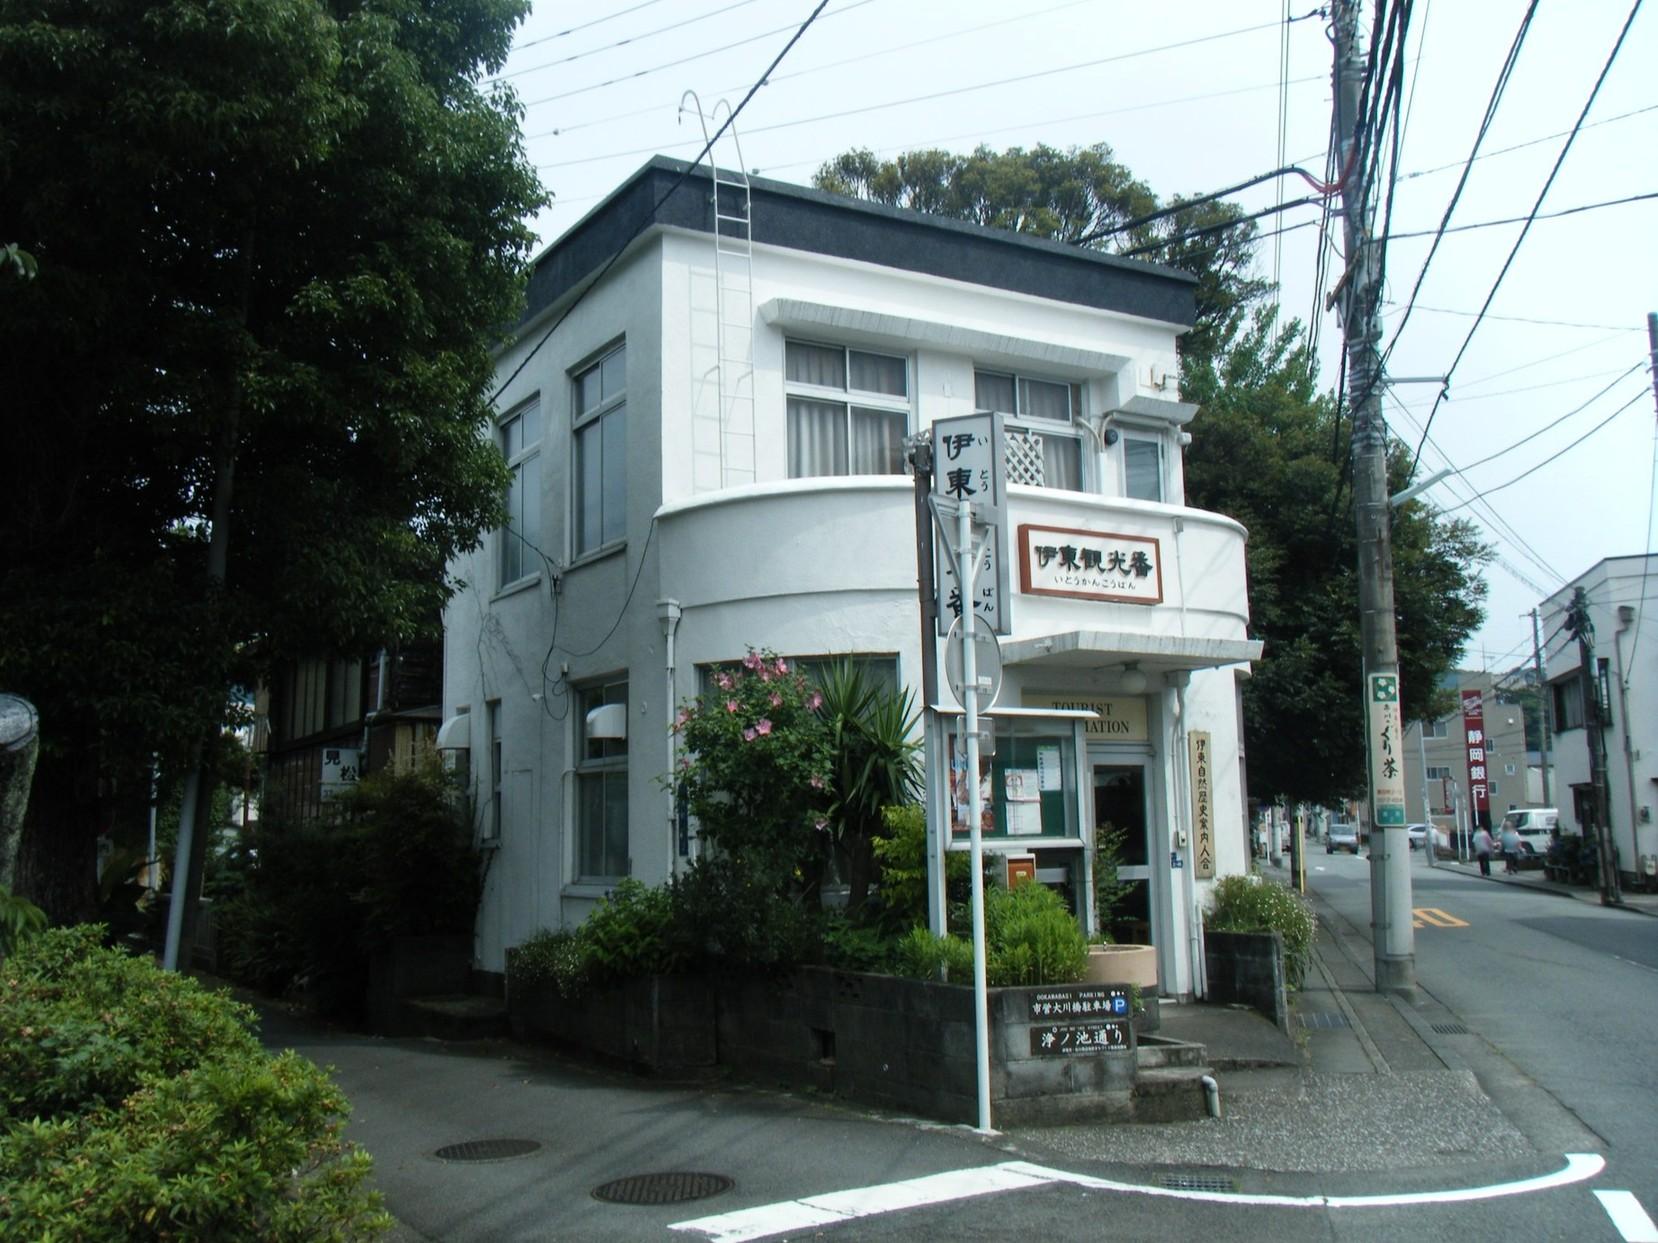 日吉干魚店 name=